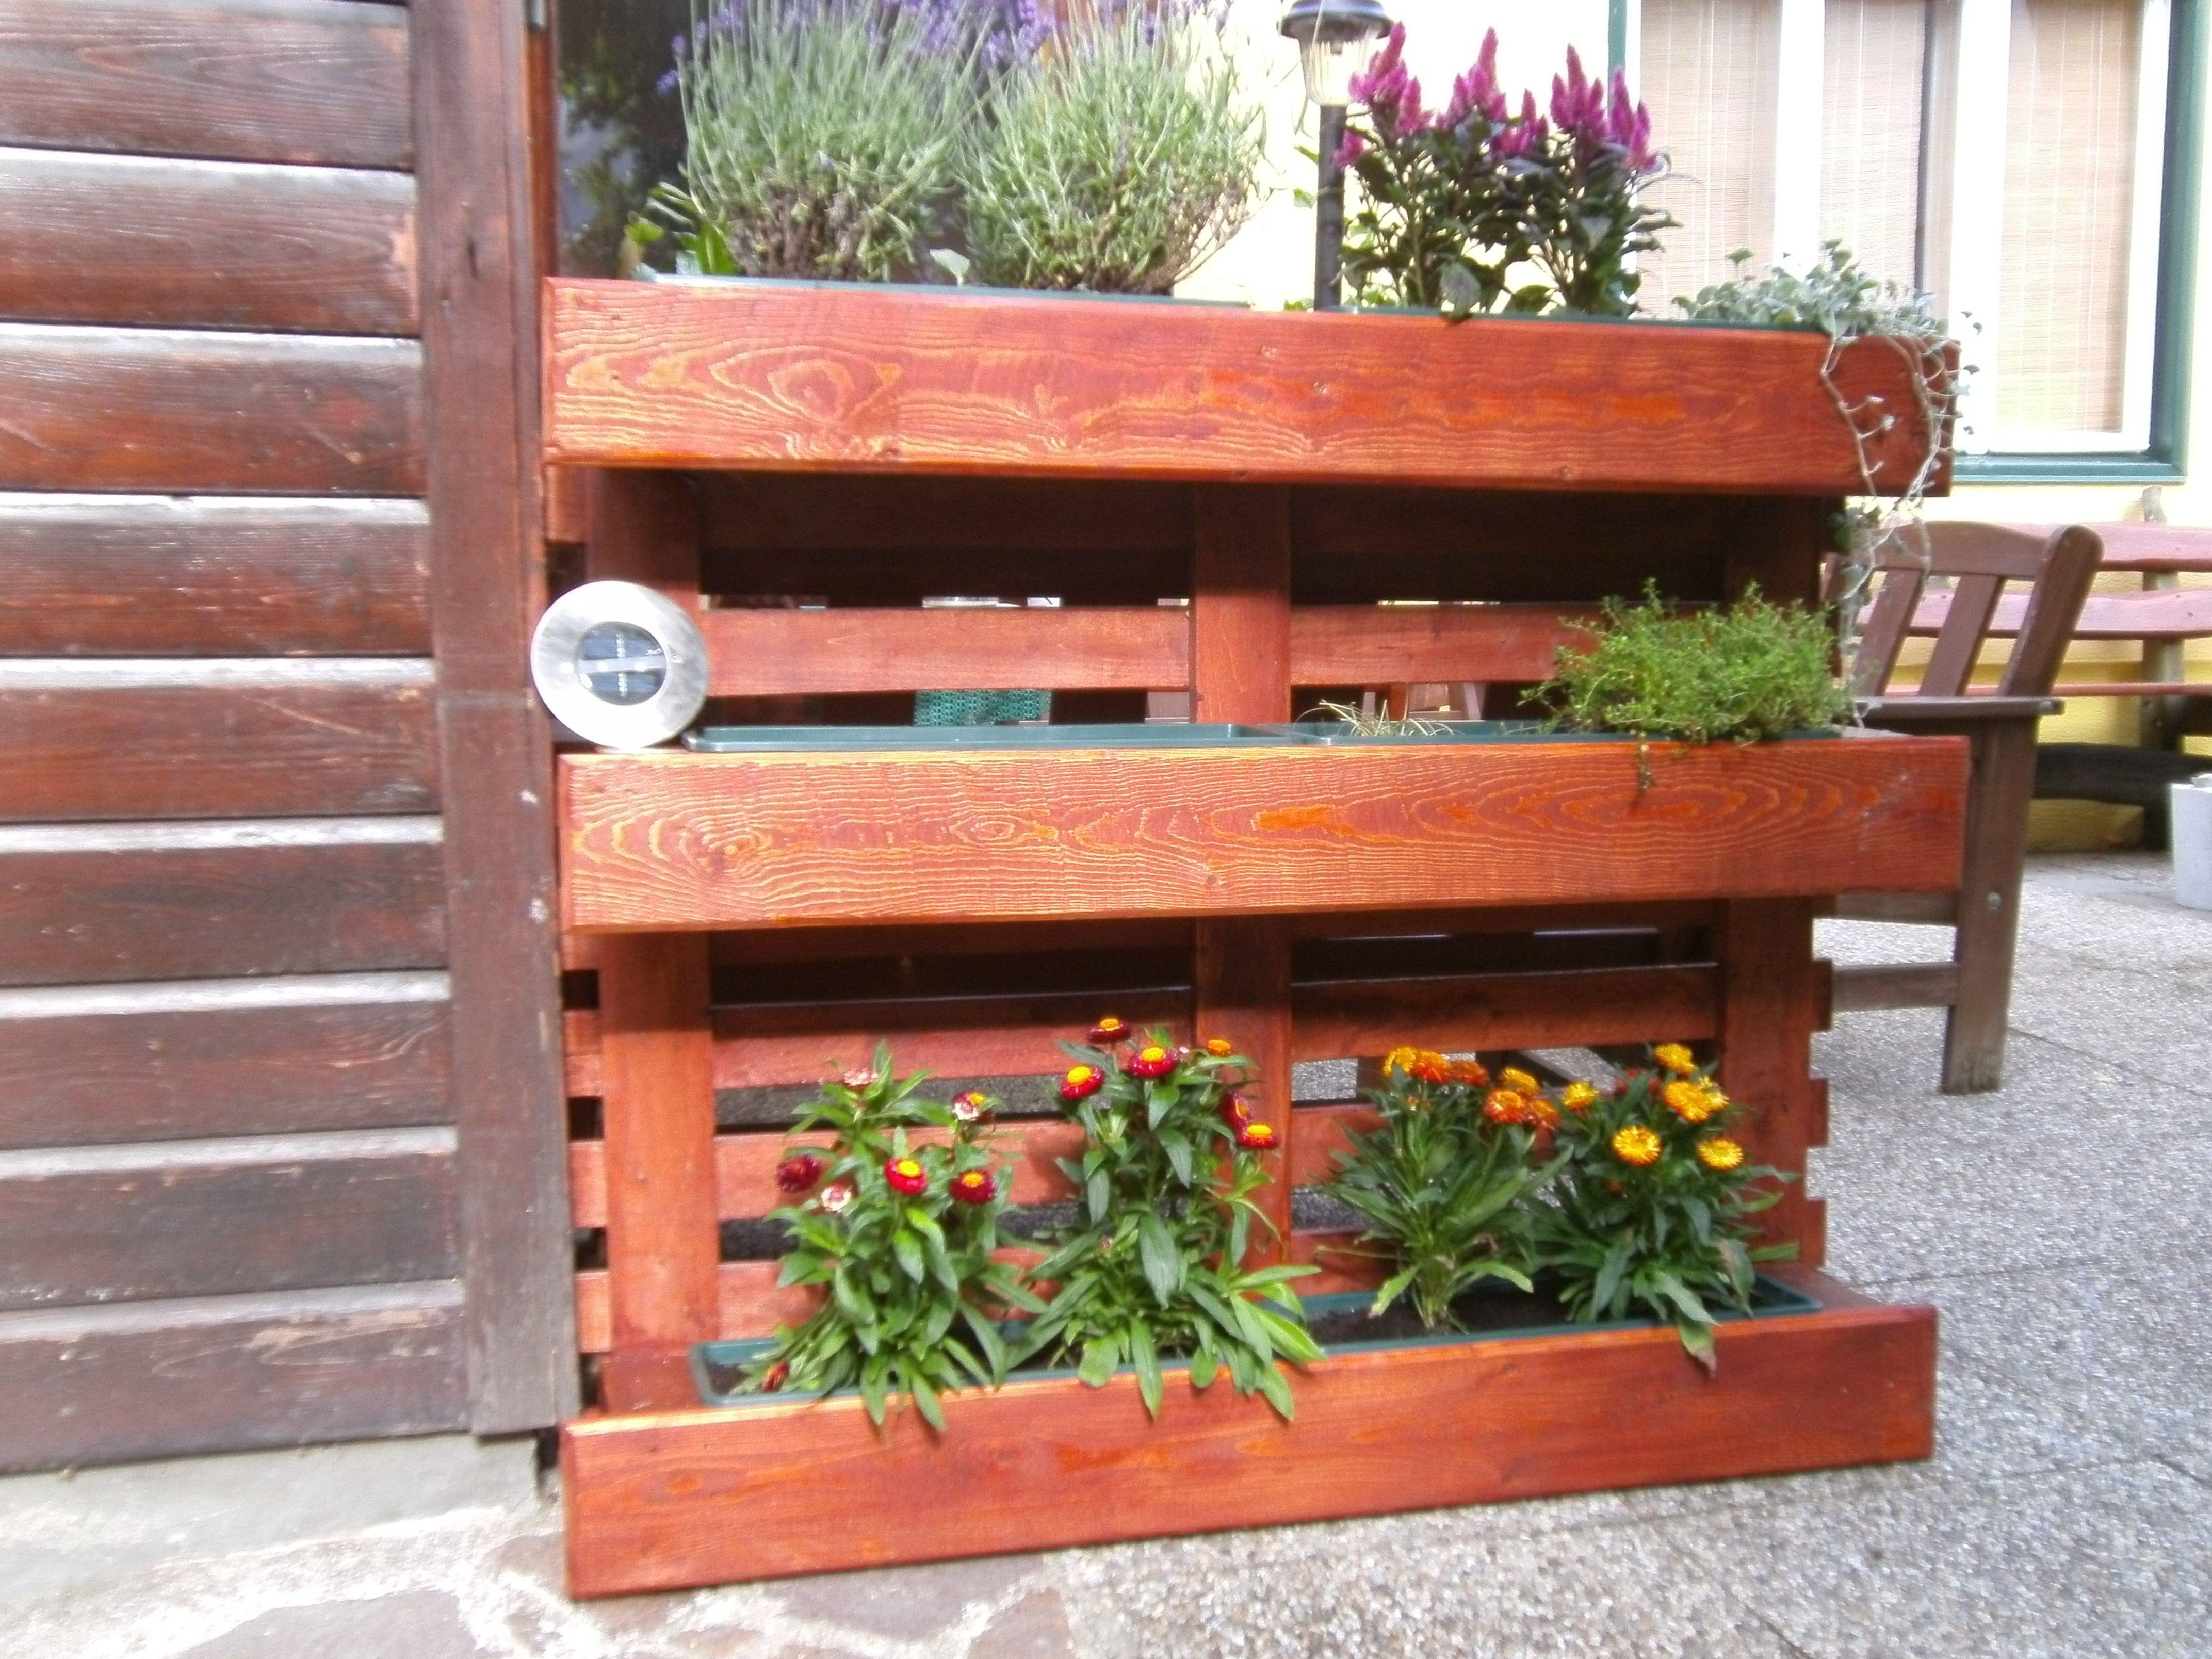 Blumenständer und Sichtschutz aus einer Palette Bauanleitung